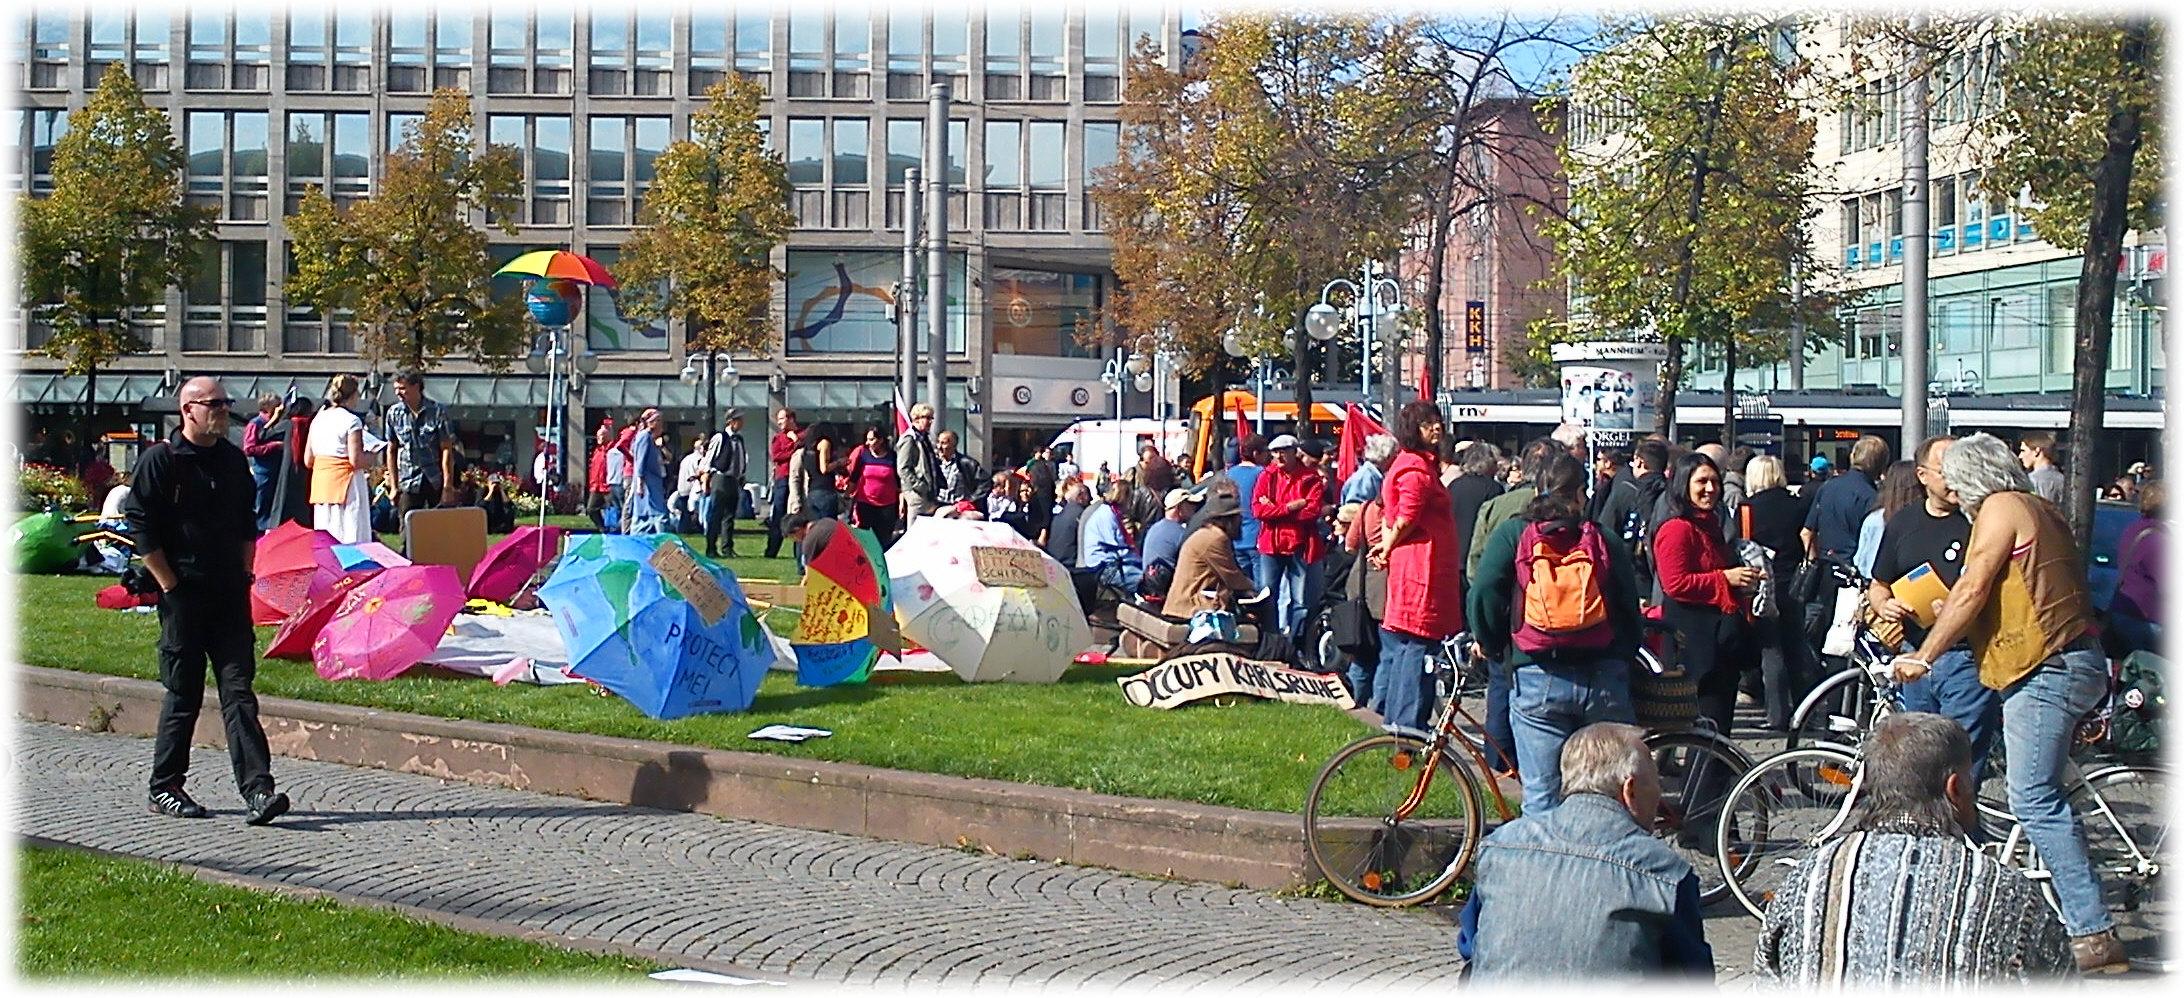 2012-09-29-UmFAIRteilen-Mannheim-I